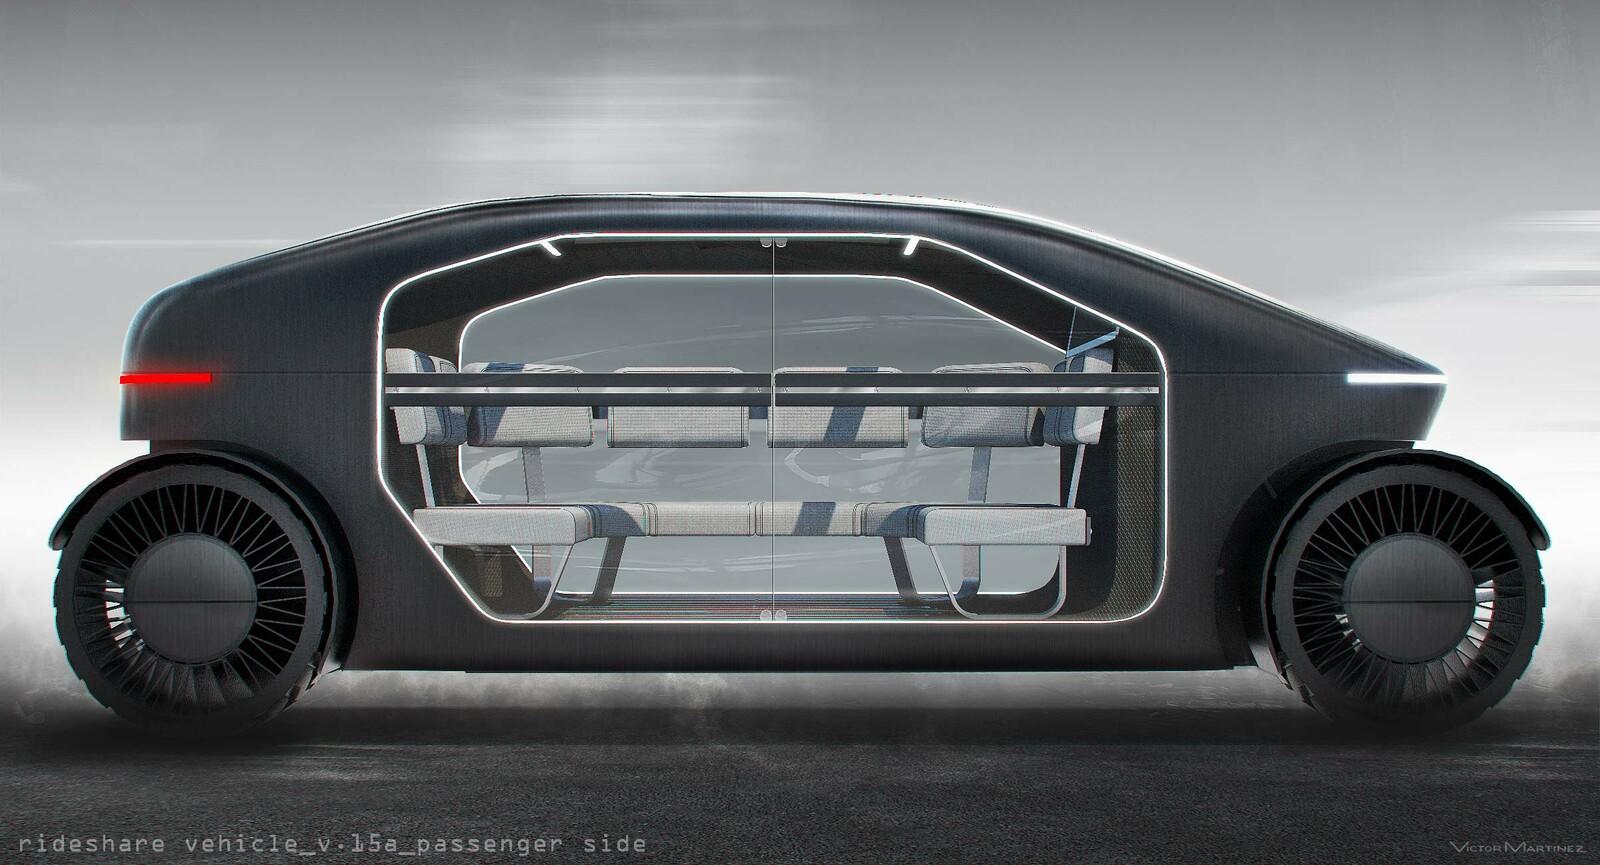 Westworld Autonomous Rideshare Vehicle - designed by Victor Martinez